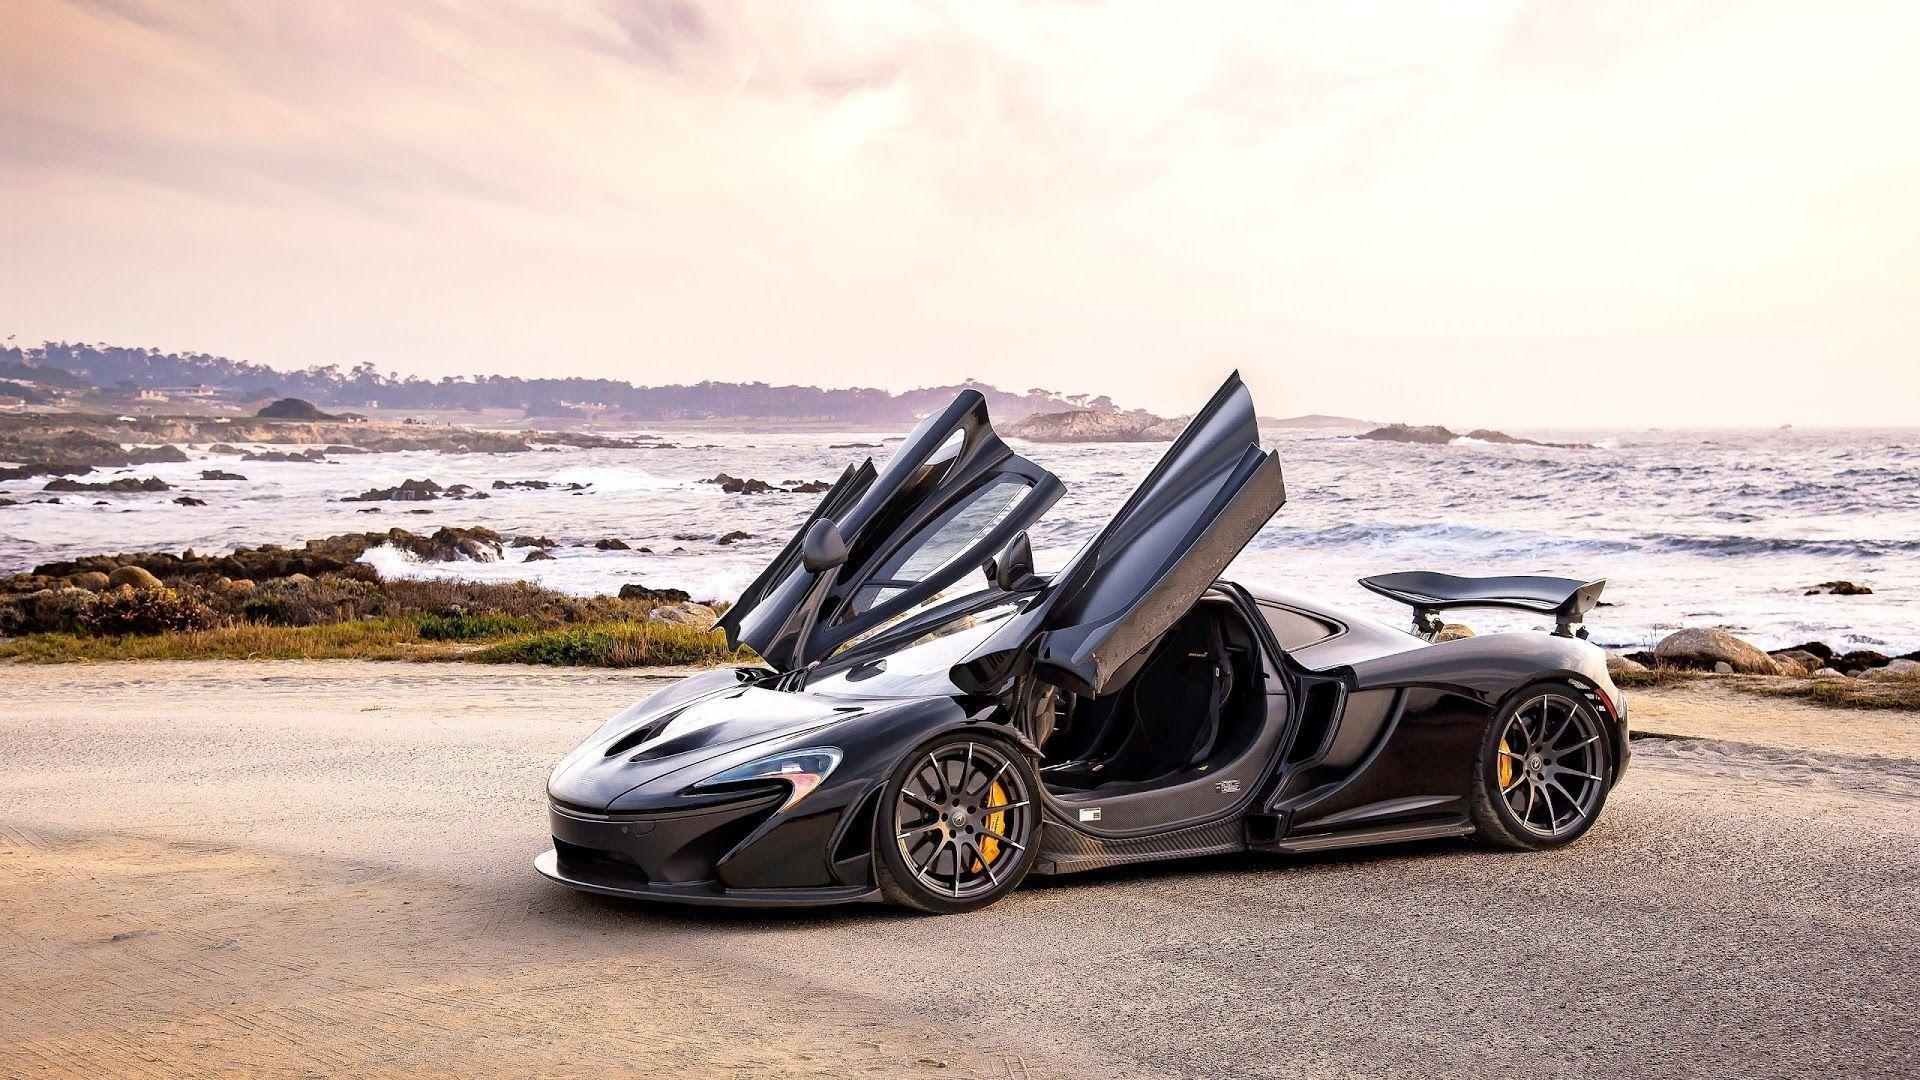 Res: 1920x1080, Best McLaren P1 Wallpapers HD #41123 Wallpaper | Download HD Wallpaper